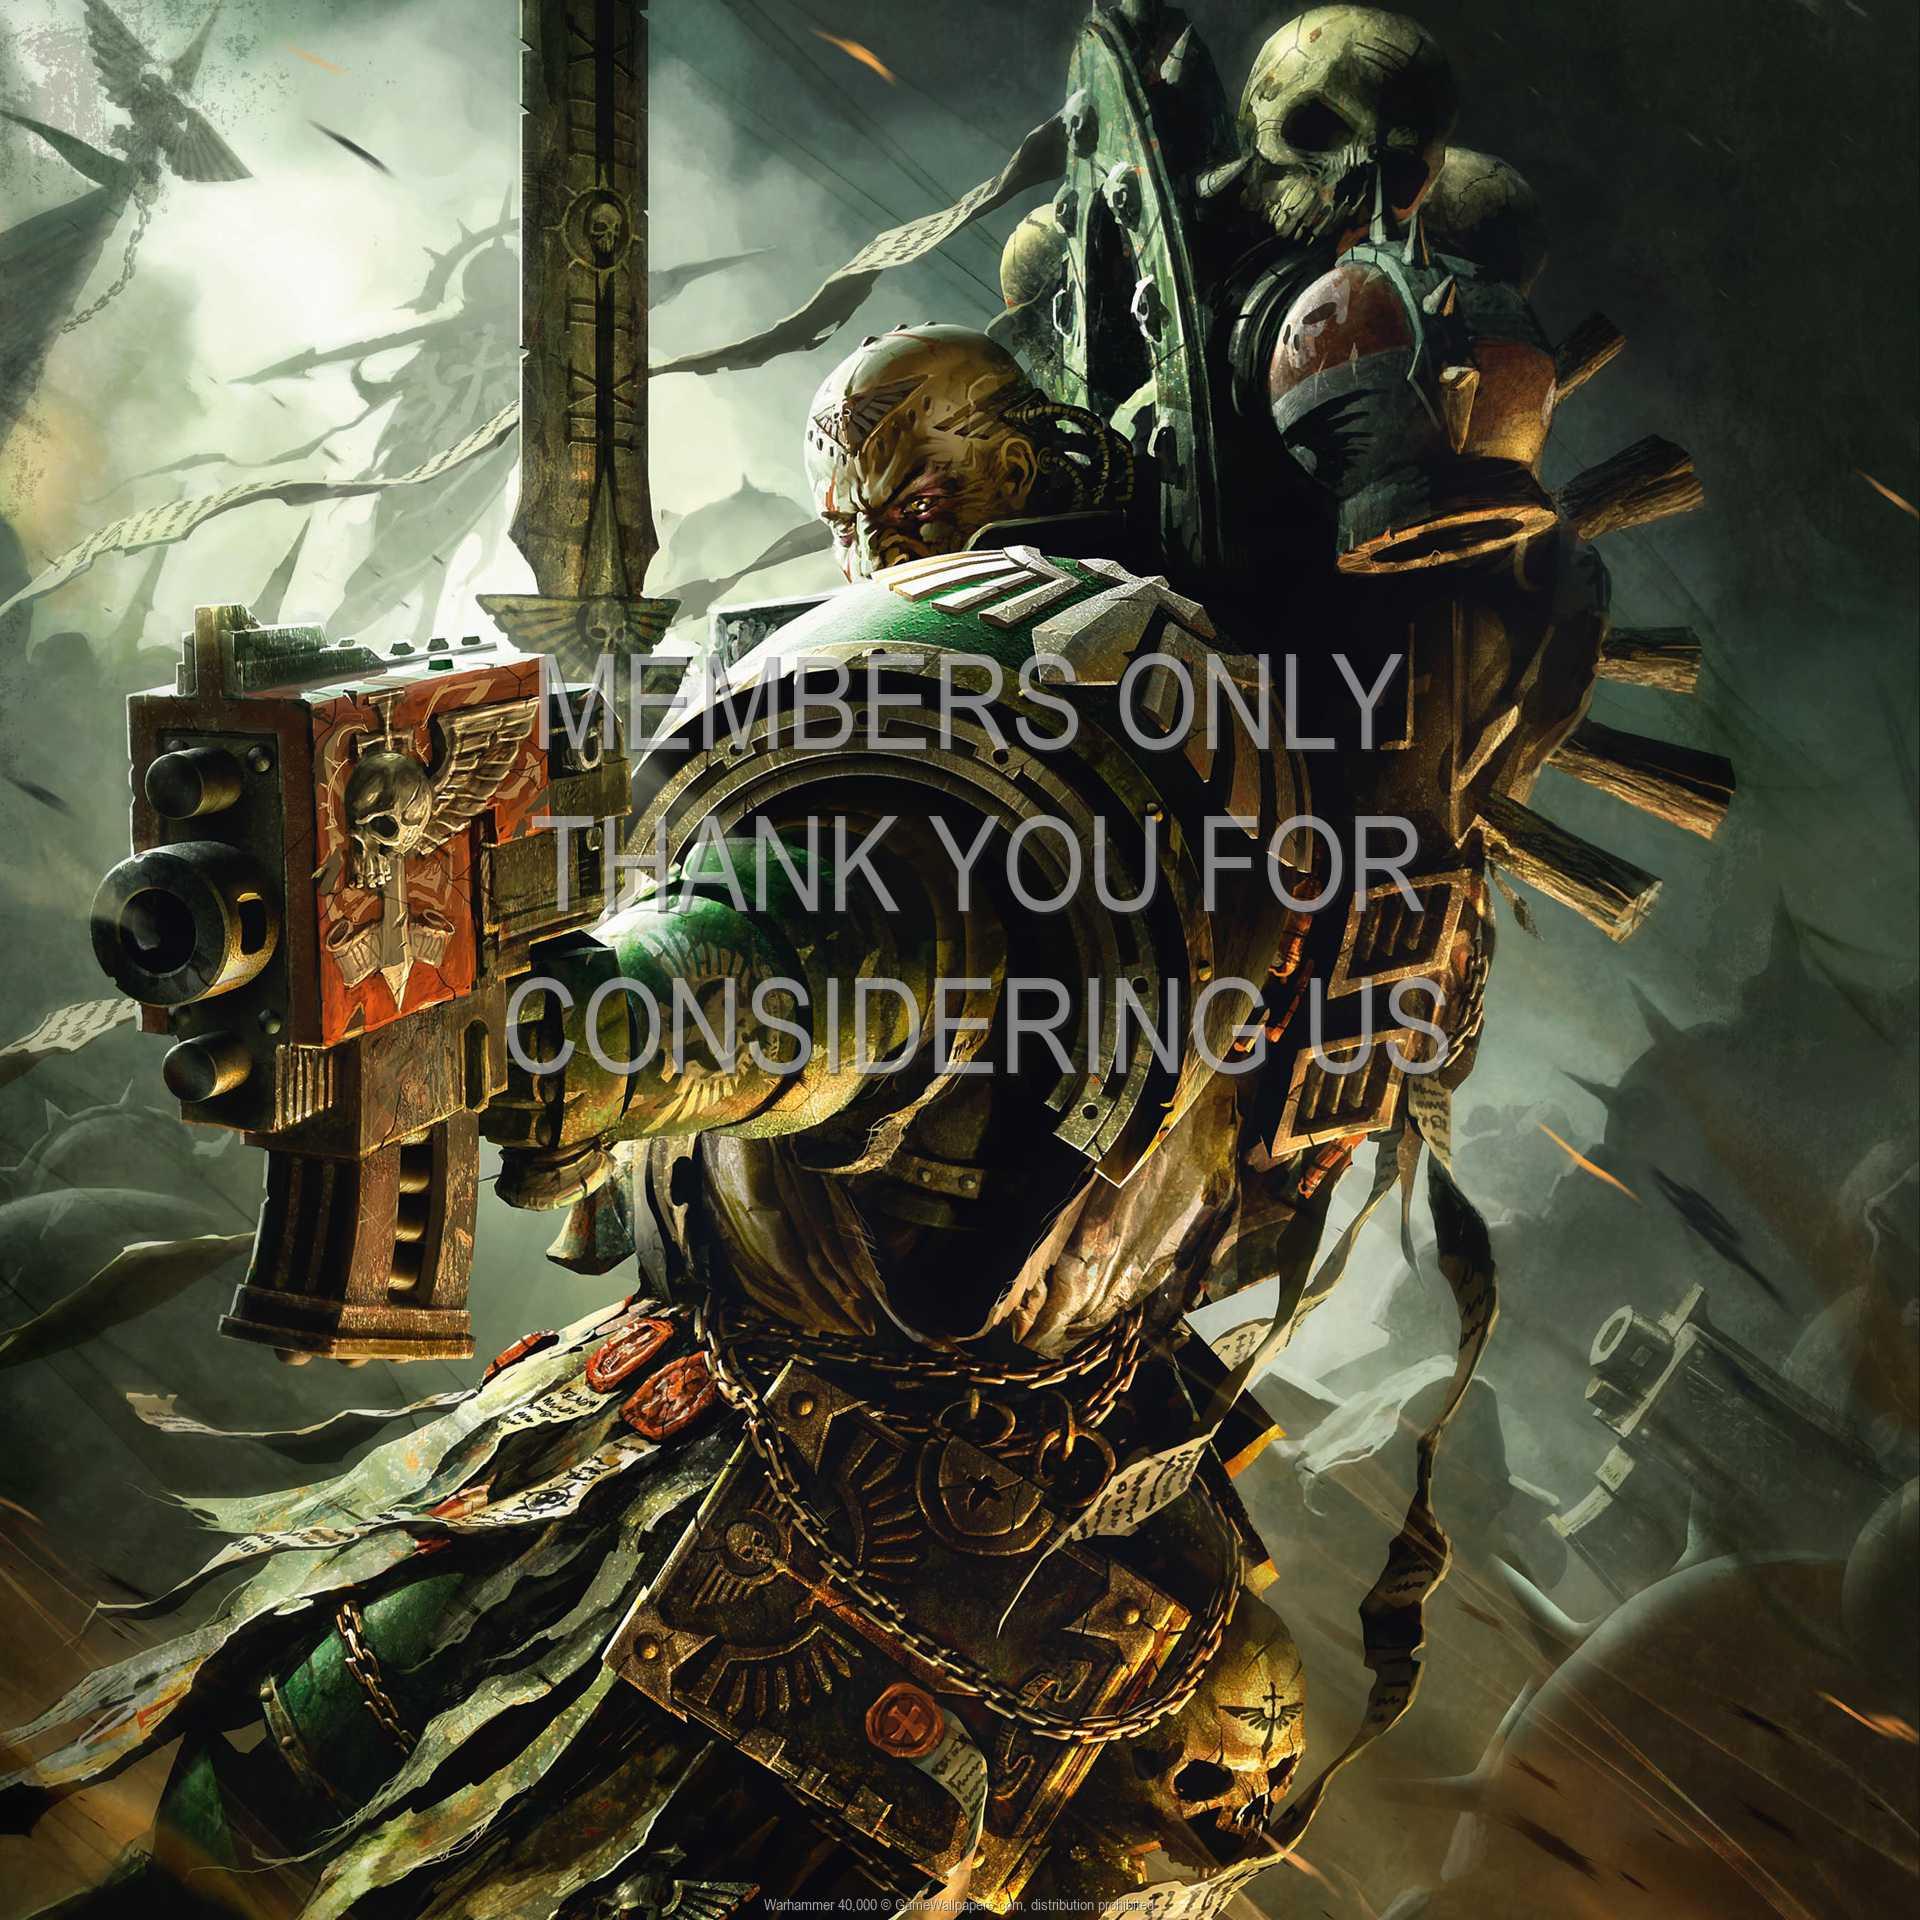 Warhammer 40,000 1080p Horizontal Mobiele achtergrond 02